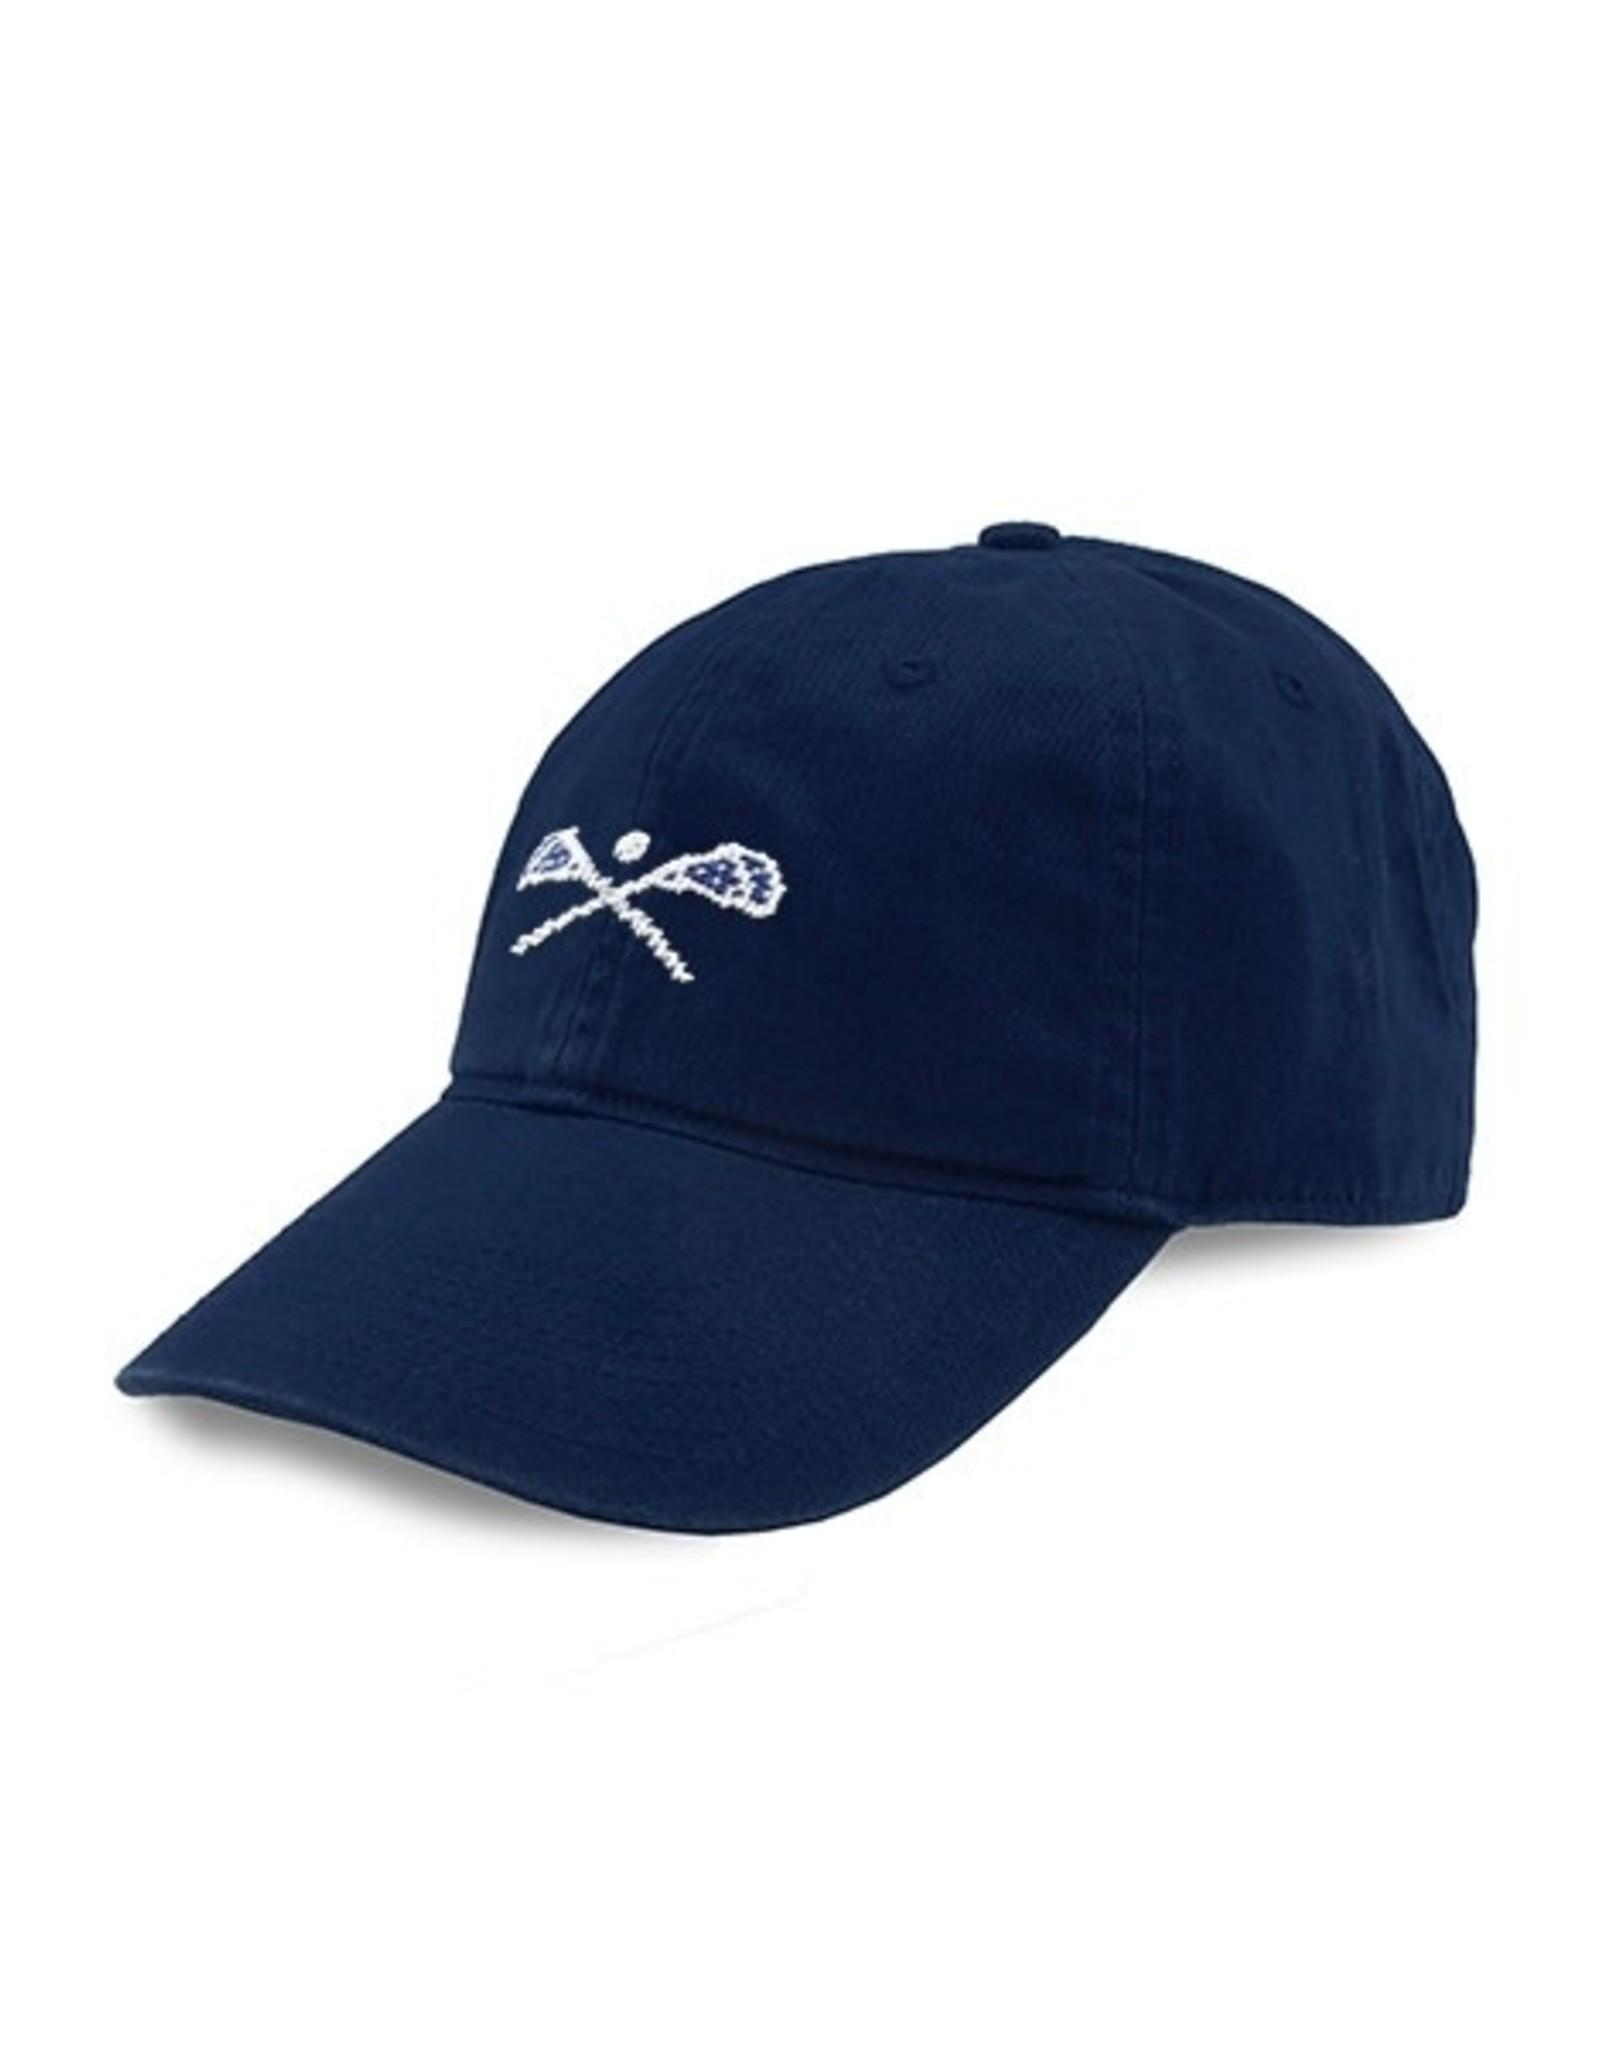 Smather's & Branson Hat LaCrosse Sticks on Navy